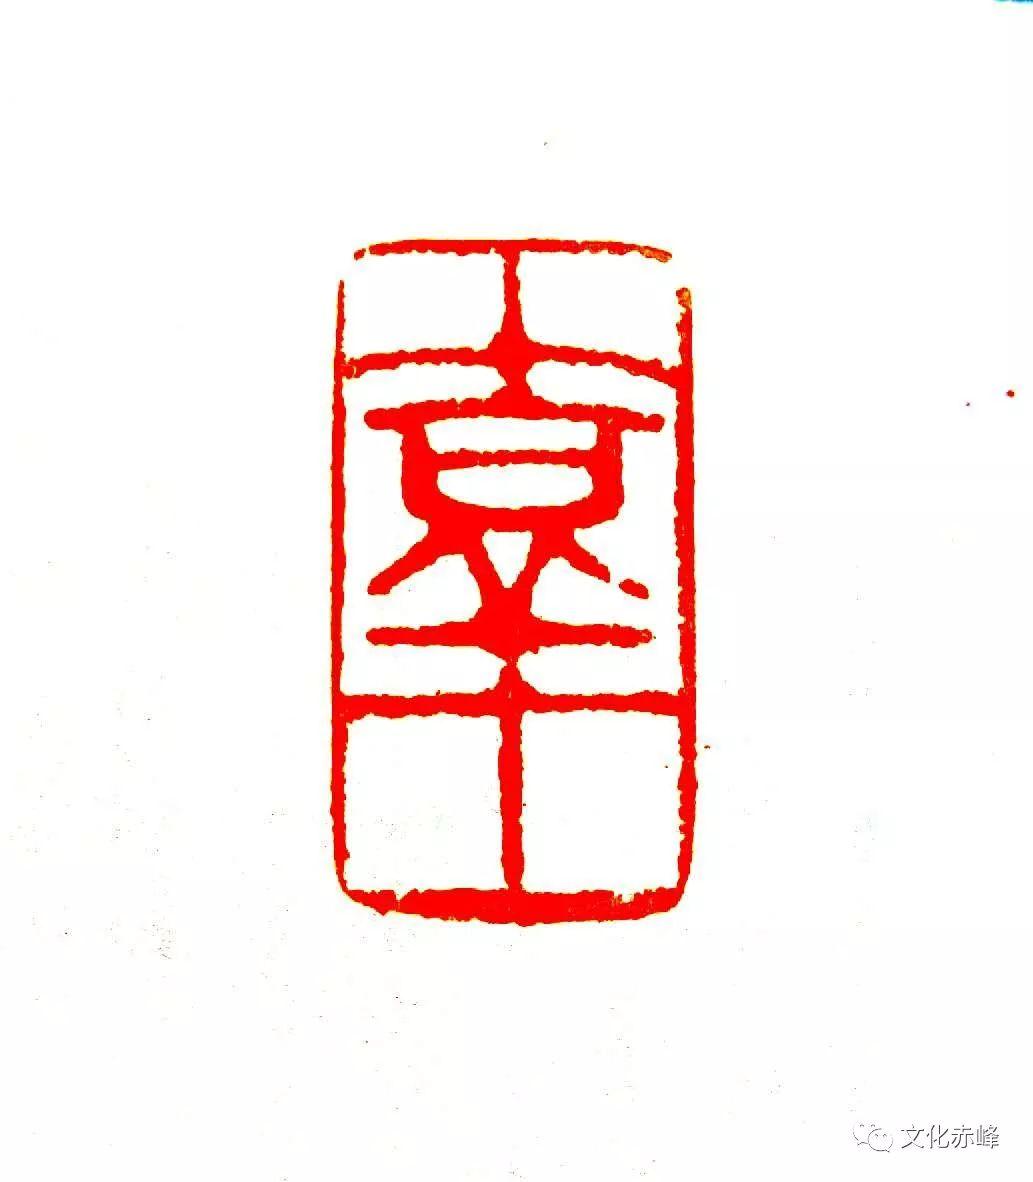 【文化赤峰】乐·达尔罕篆刻作品欣赏! 第7张 【文化赤峰】乐·达尔罕篆刻作品欣赏! 蒙古书法